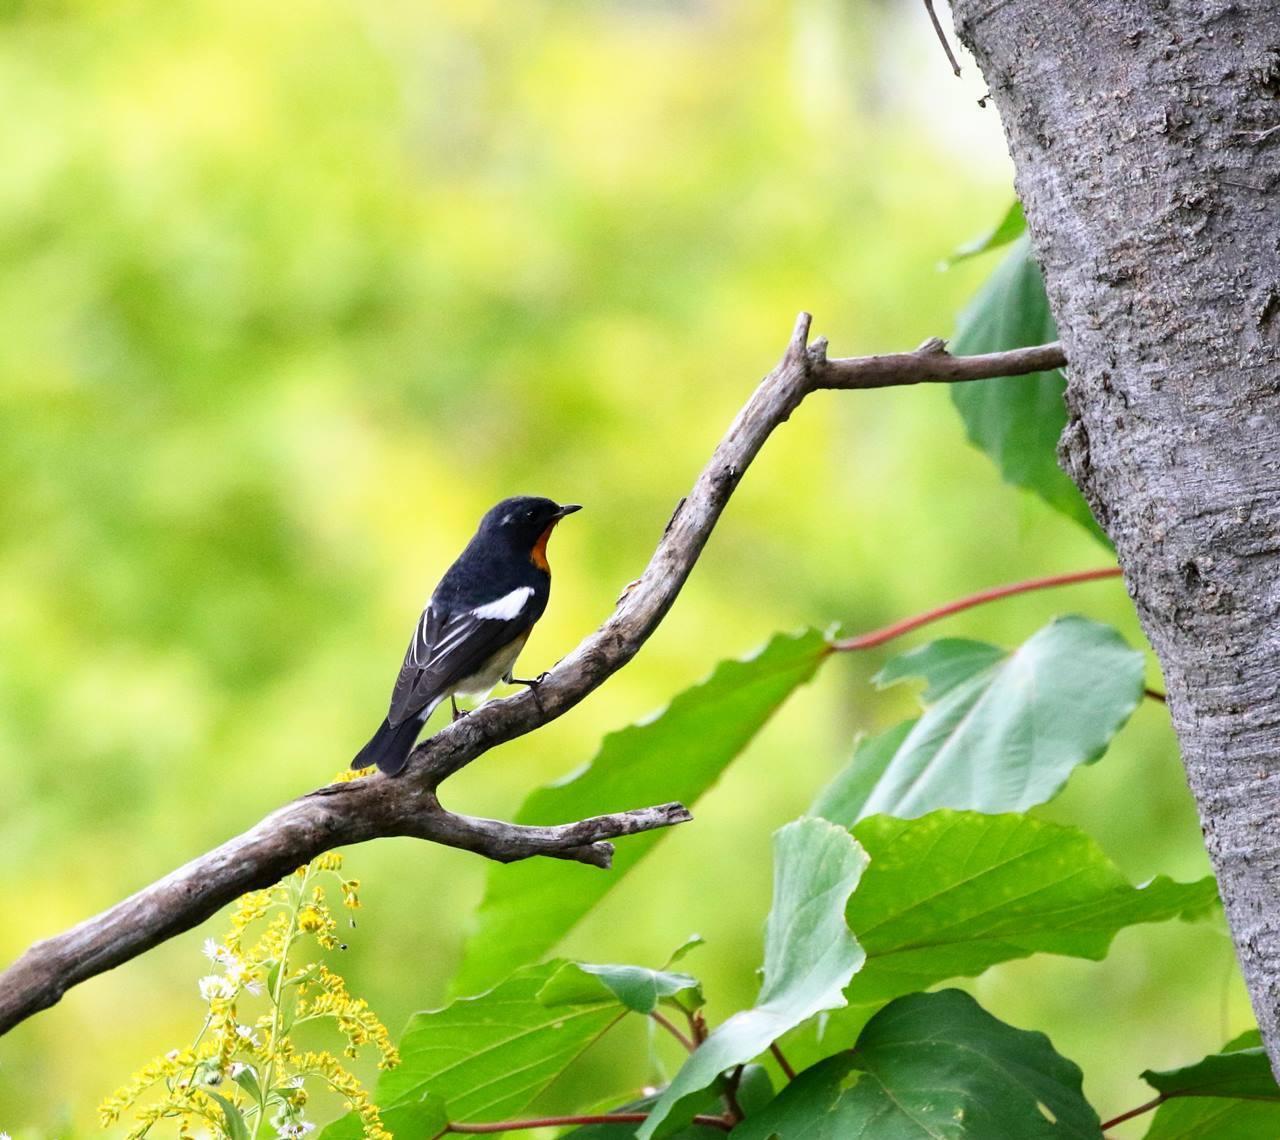 やっとムギマキ♂成鳥に出会う(その2)_c0213607_13253102.jpg